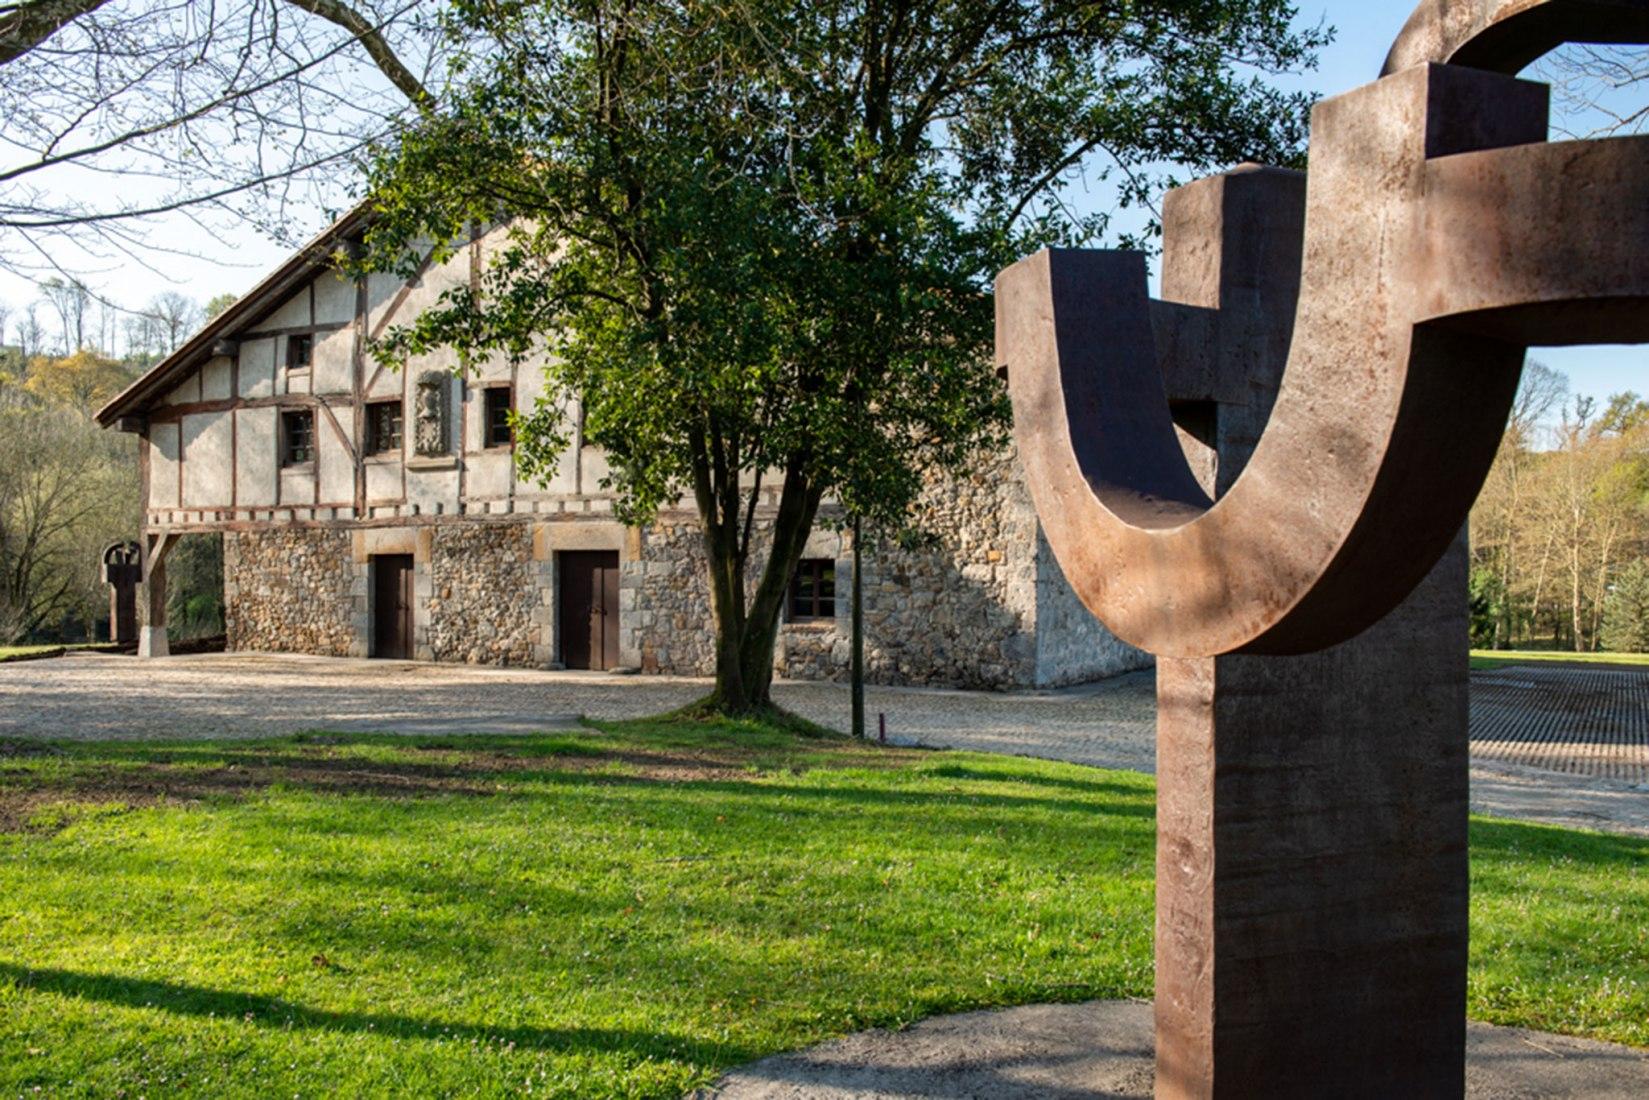 Detalle del Arco de la libertad (acero corten, 1993) ante el caserío Zabalaga, siglo XVI,© Zabalaga Leku. San Sebastián, VEGAP, 2019. Sucesión de Eduardo Chillida y Hauser & Wirth. Foto Íñigo Santiago.